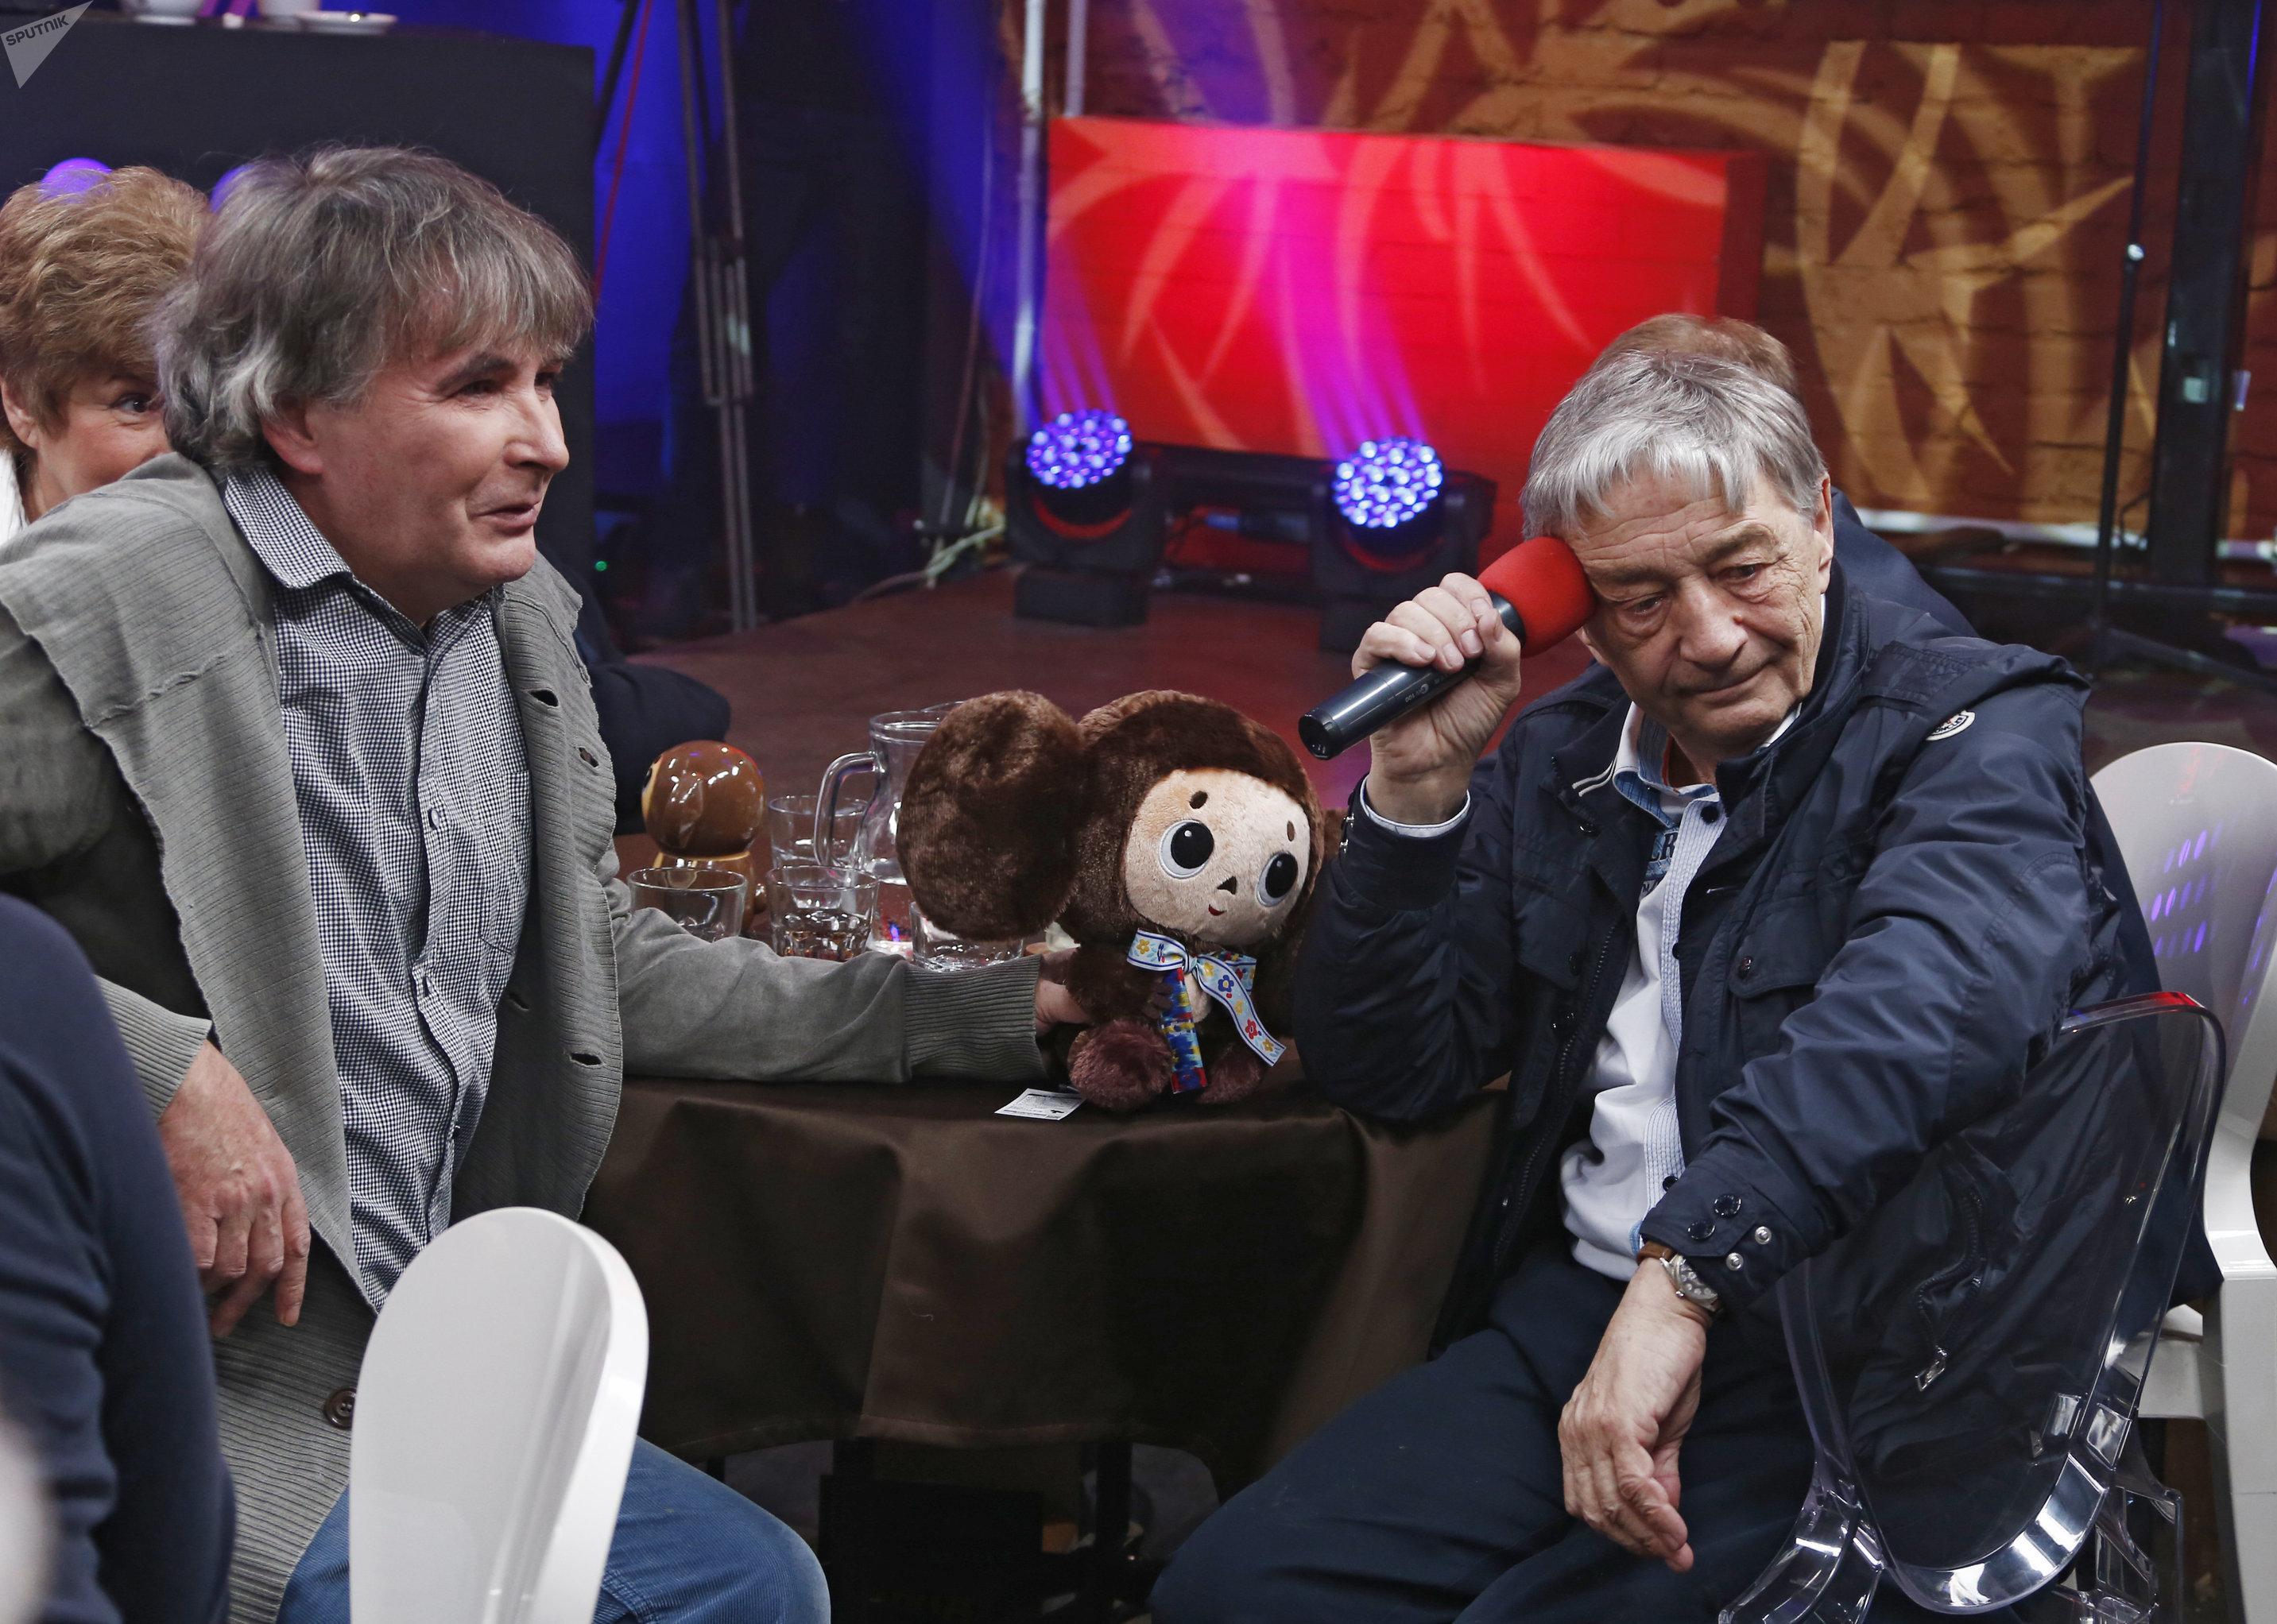 Поэт Андрей Орлов (Орлуша) и детский писатель Эдуард Успенский (слева направо)